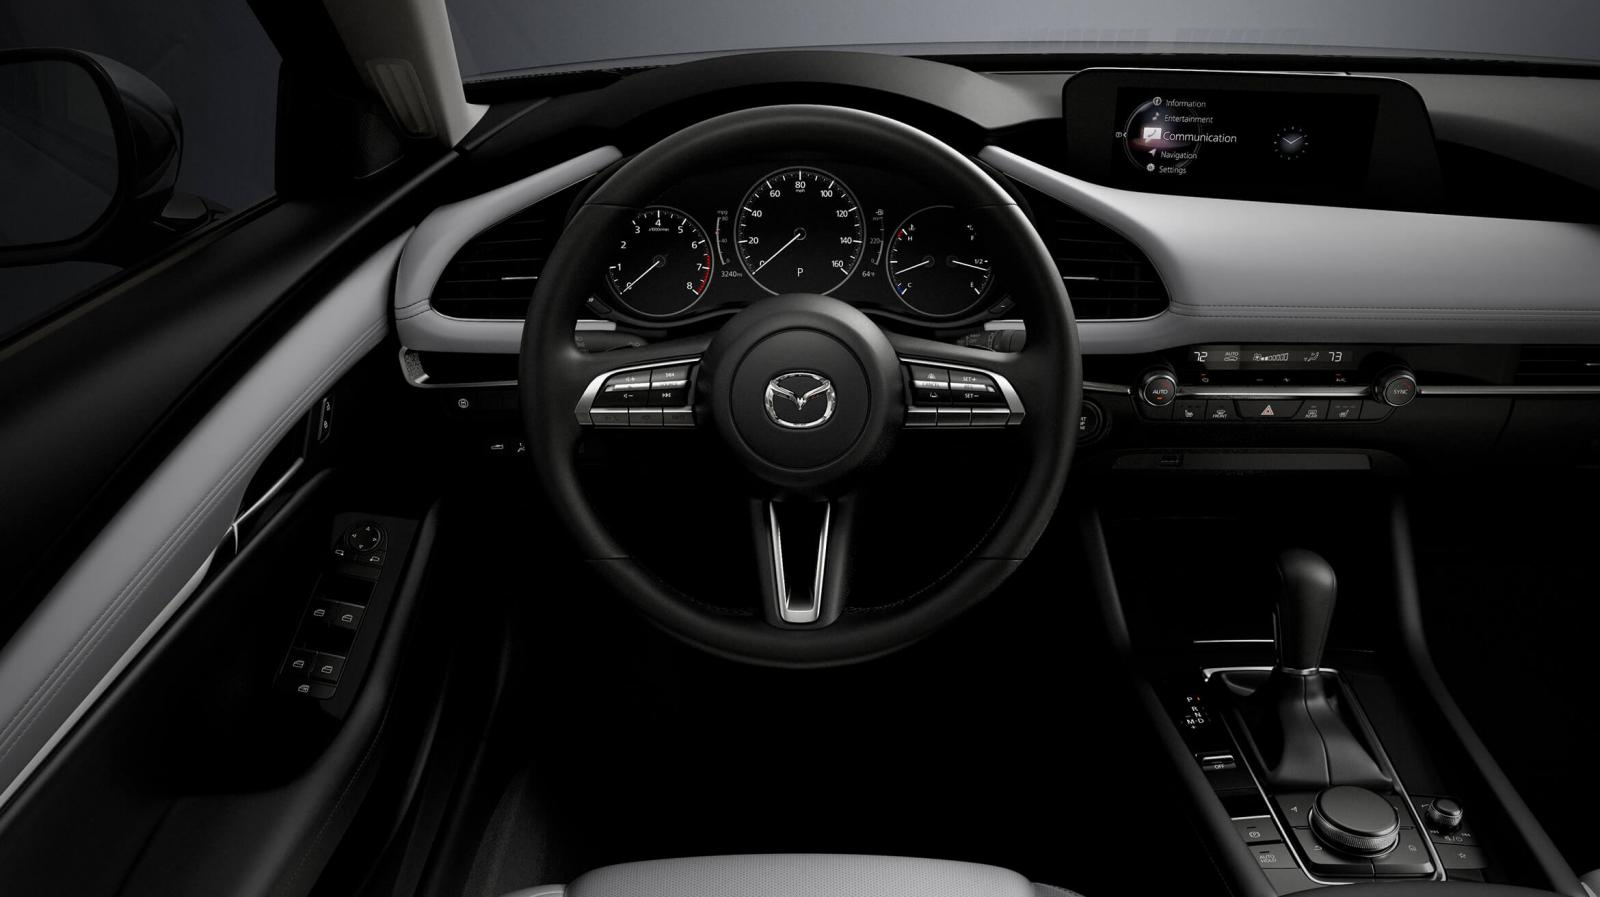 El manejo de la Mazda 3 Sedan 2020 i Grand Touring resulta entretenido por el buen desempeño del motor y la transmisión